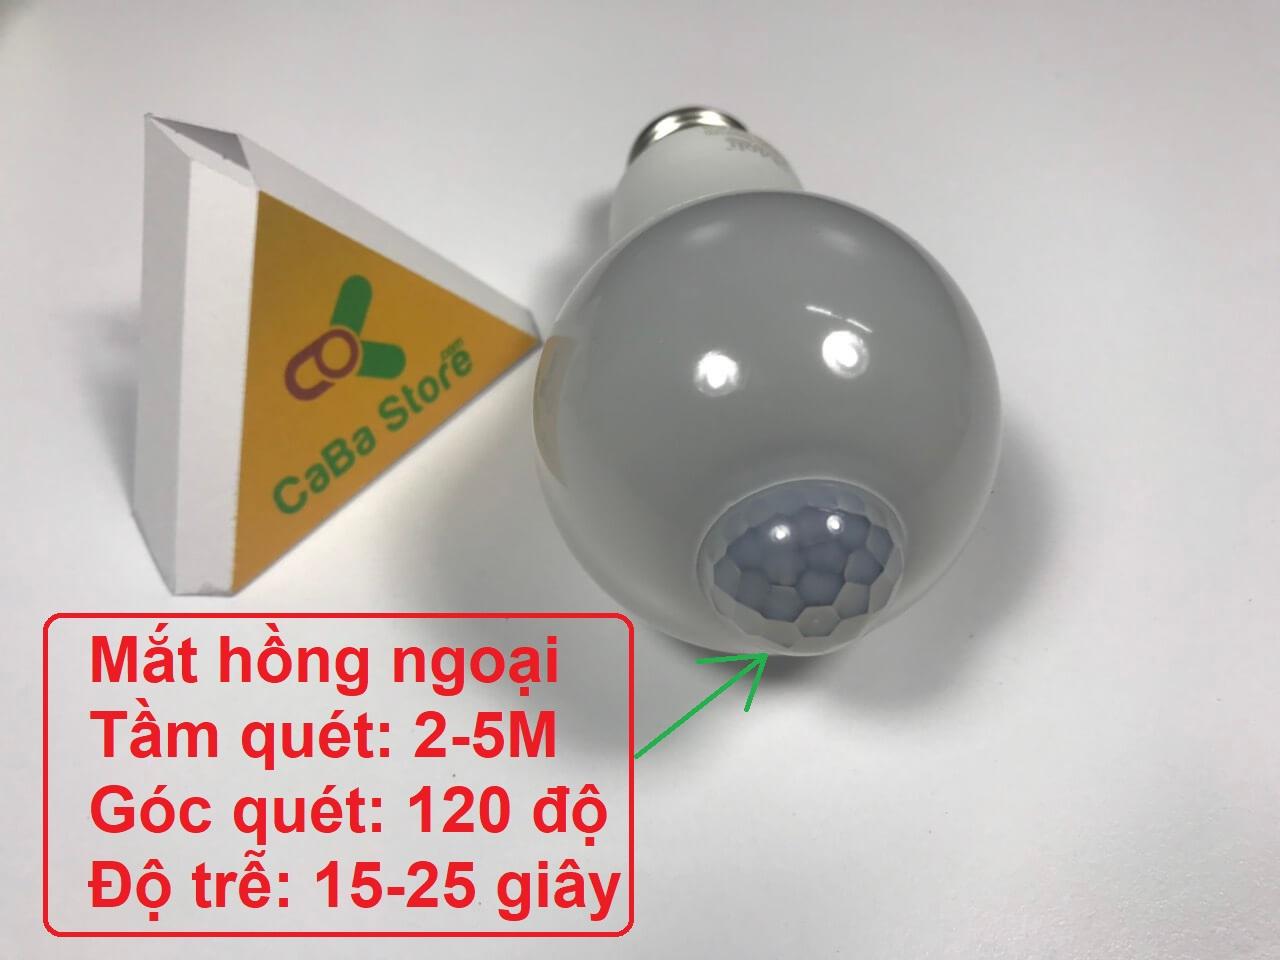 Bóng đèn cảm ứng nhiệt 9W-Tự sáng khi có người đến gần | CaBa Store